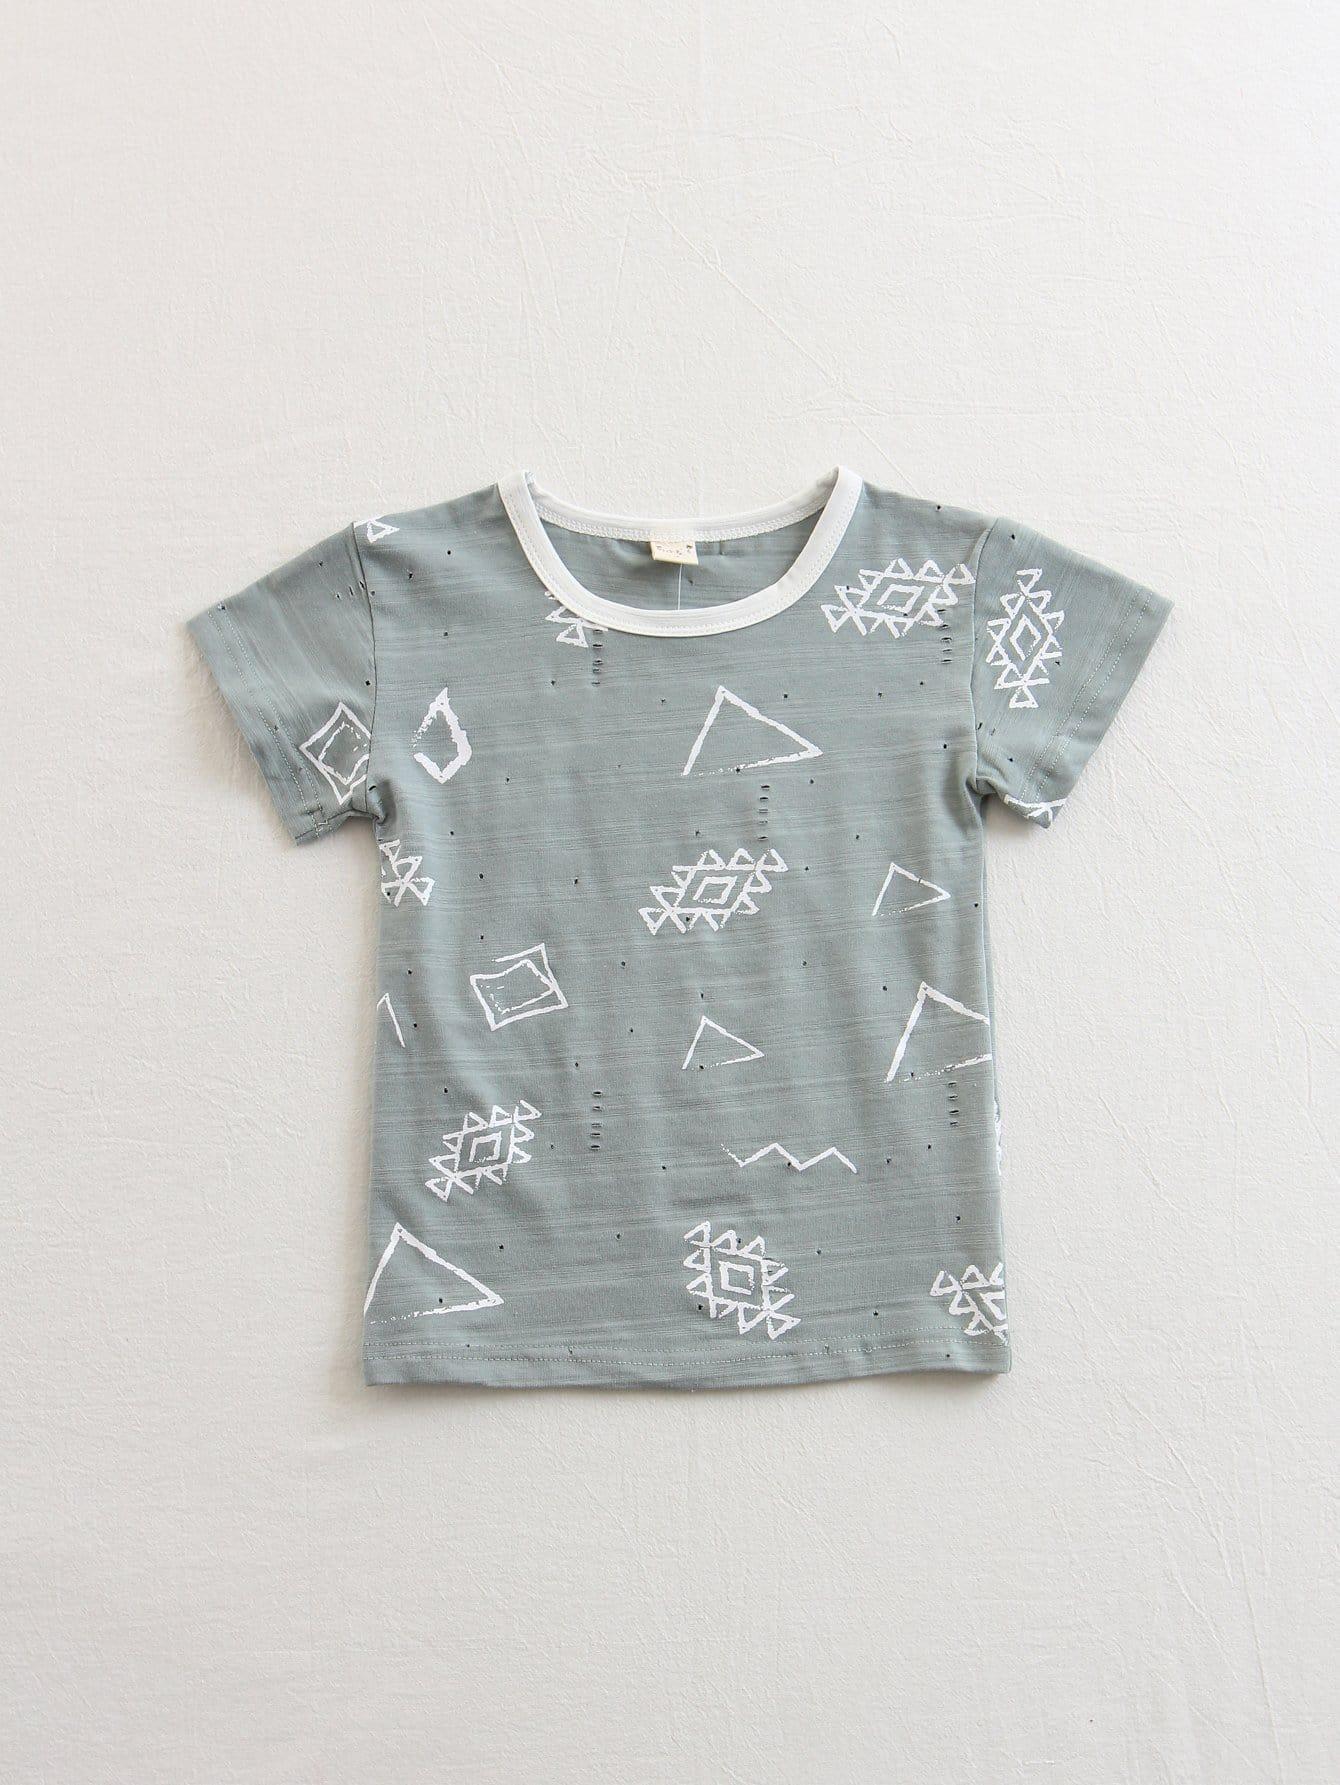 Kids Print Tee hasbro кукла рапунцель в платье со сменными юбками принцессы дисней b5312 b5315